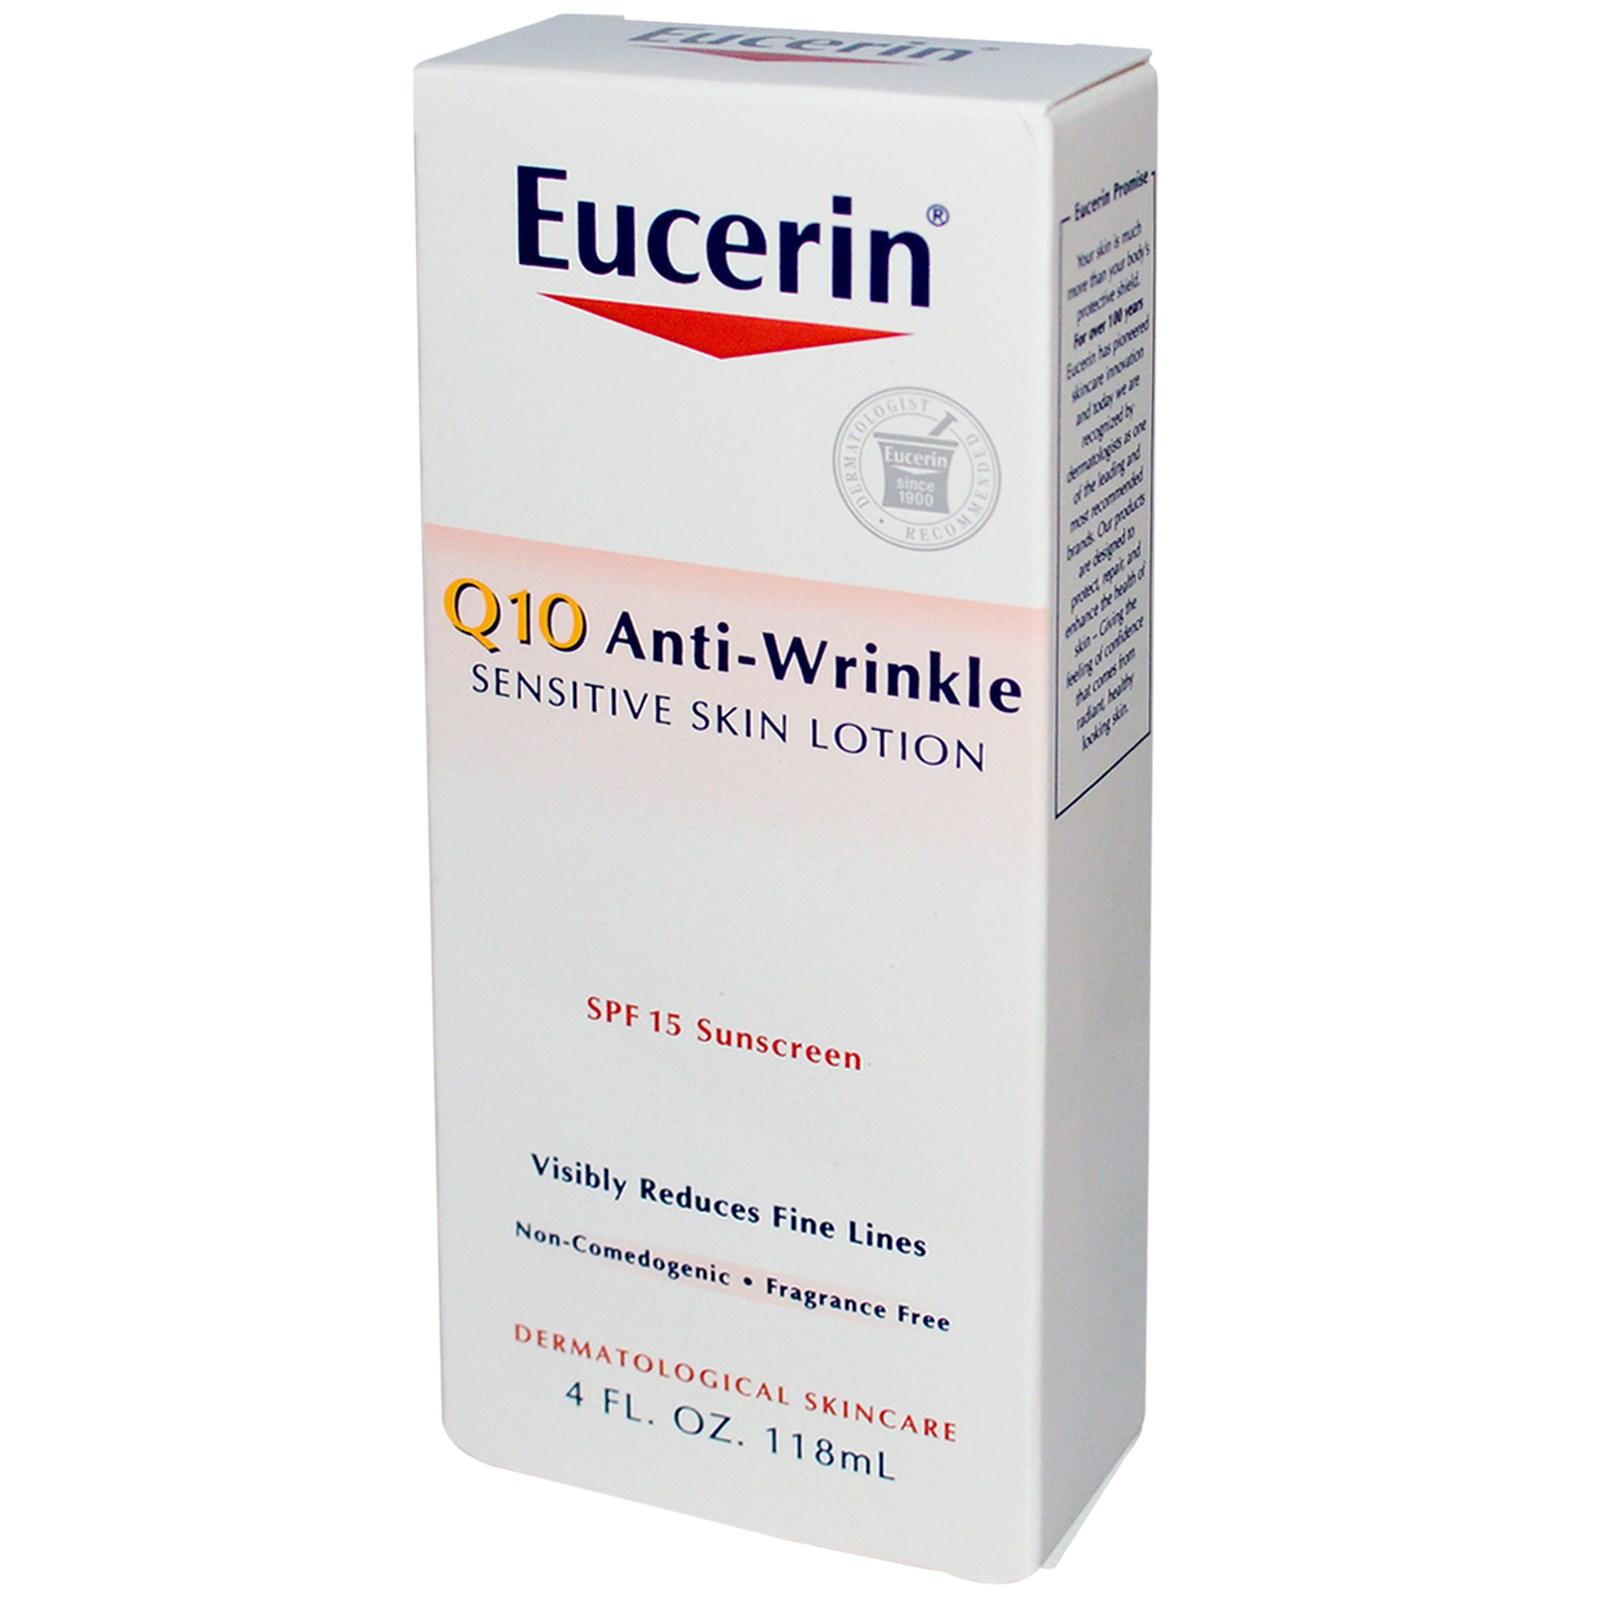 Eucerin q10 anti wrinkle sensitive skin lotion